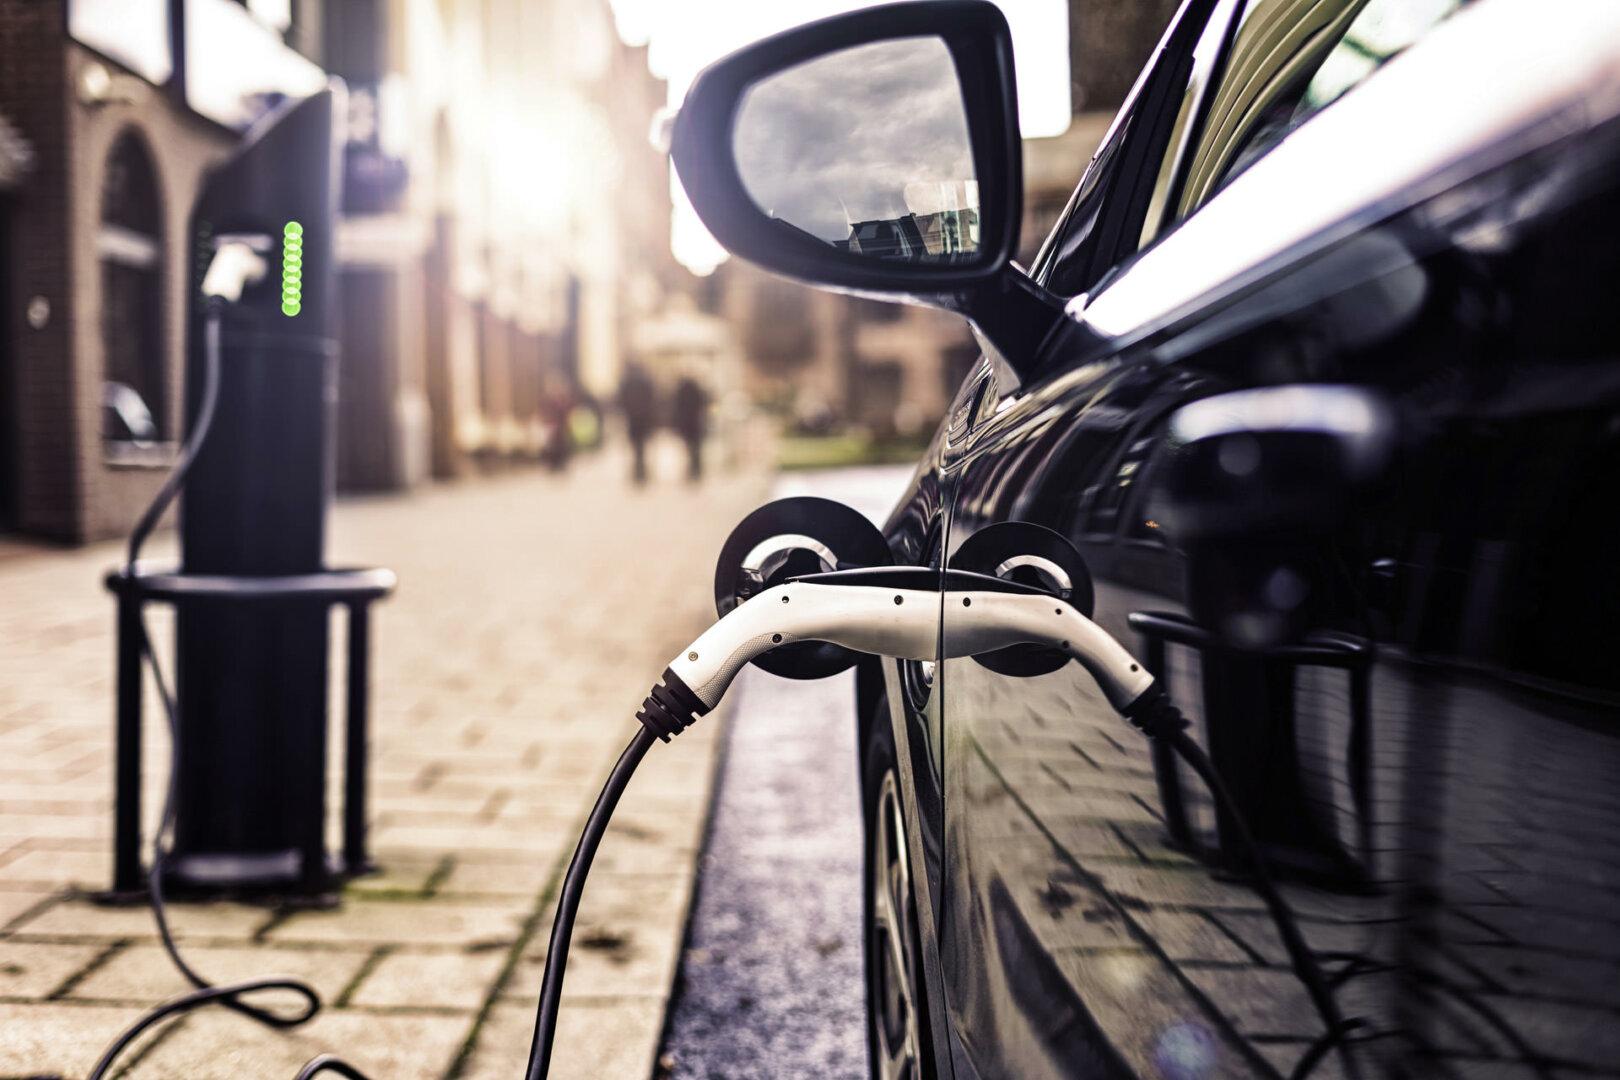 Elektroauto halböffenlich laden vor Geschäften, Restaurants, Hotelss